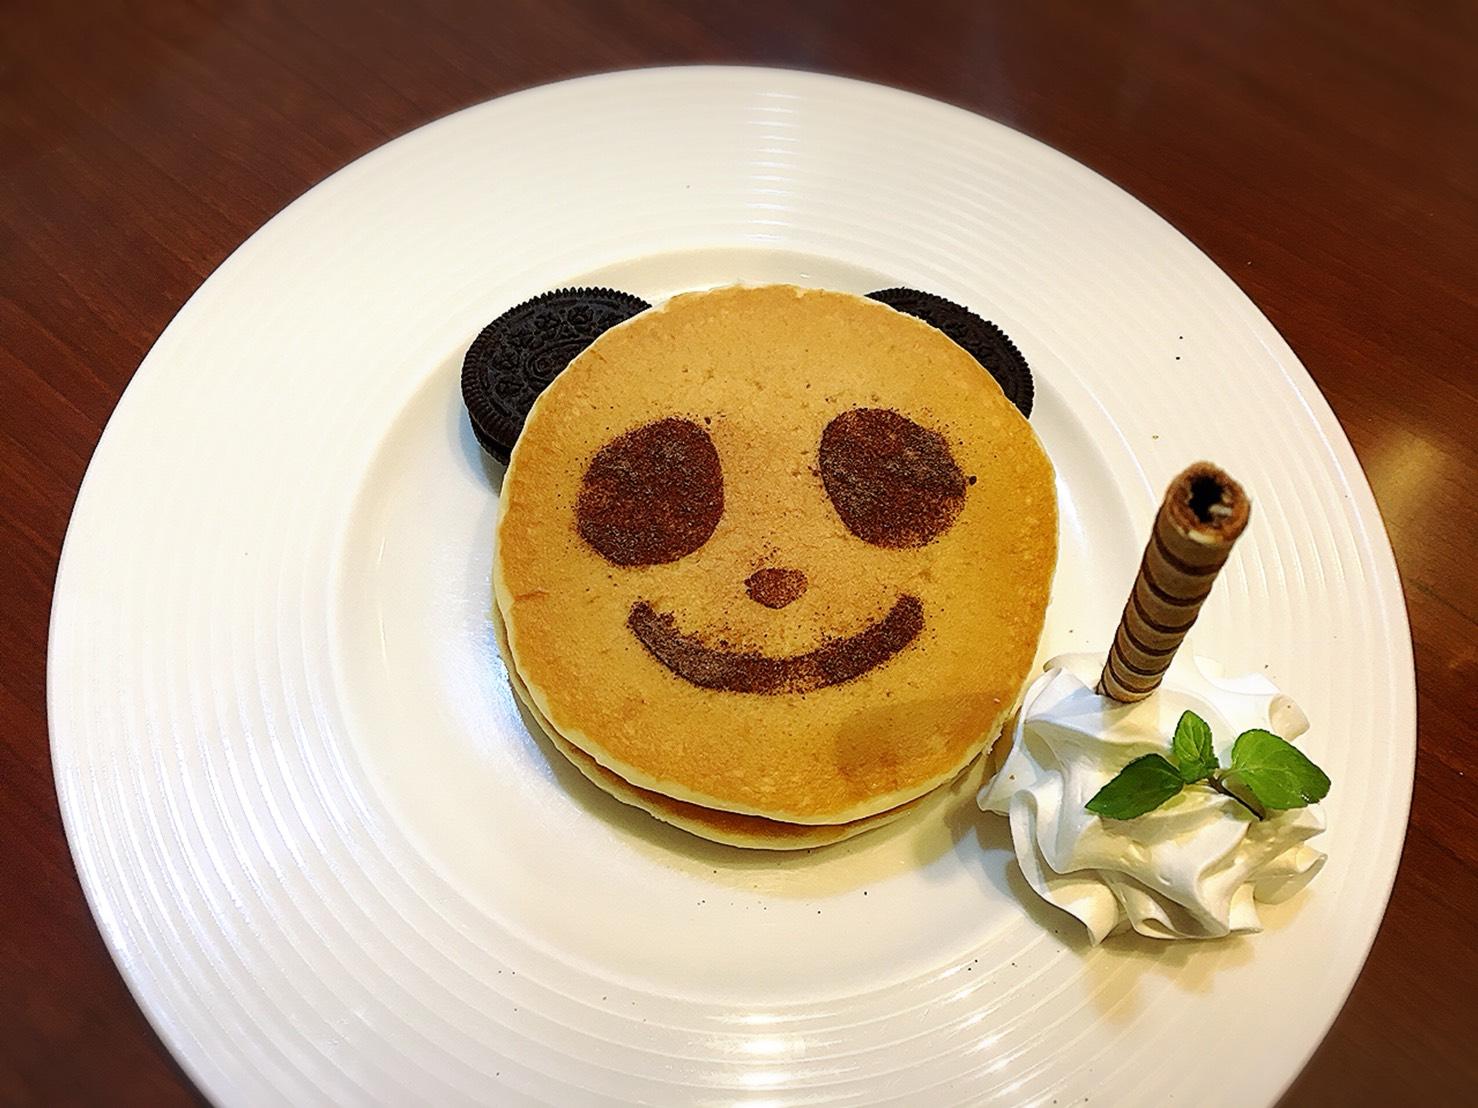 【上野駅】上野と言えば!パンダ記念に「じゅらく」で洋食とパンダパンケーキ